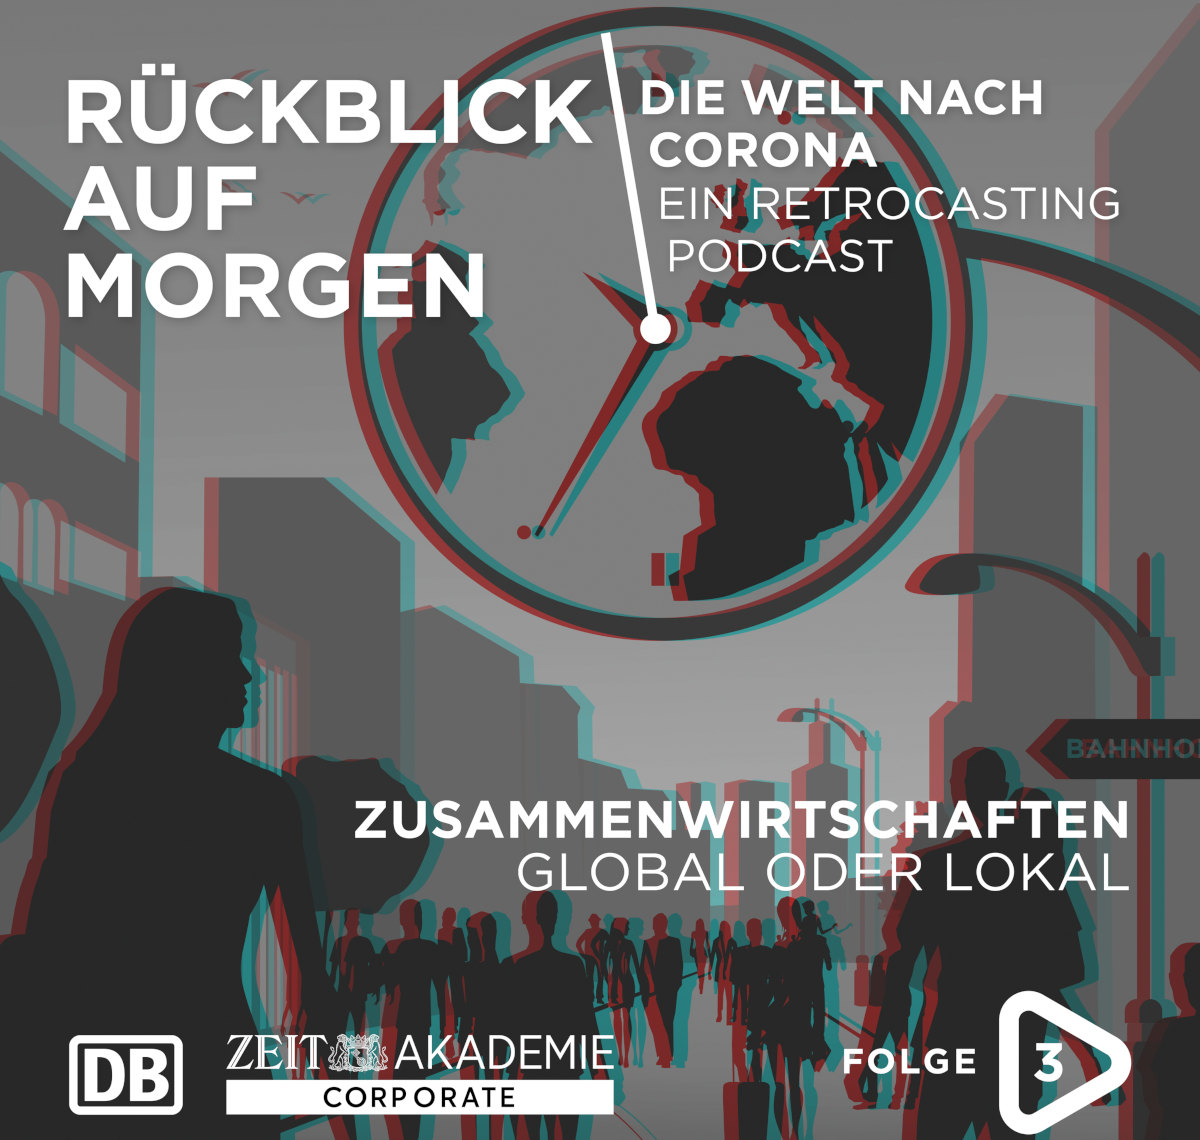 """Zusammenwirtschaften - Folge 3 des Podcasts """"Rückblick auf morgen"""""""